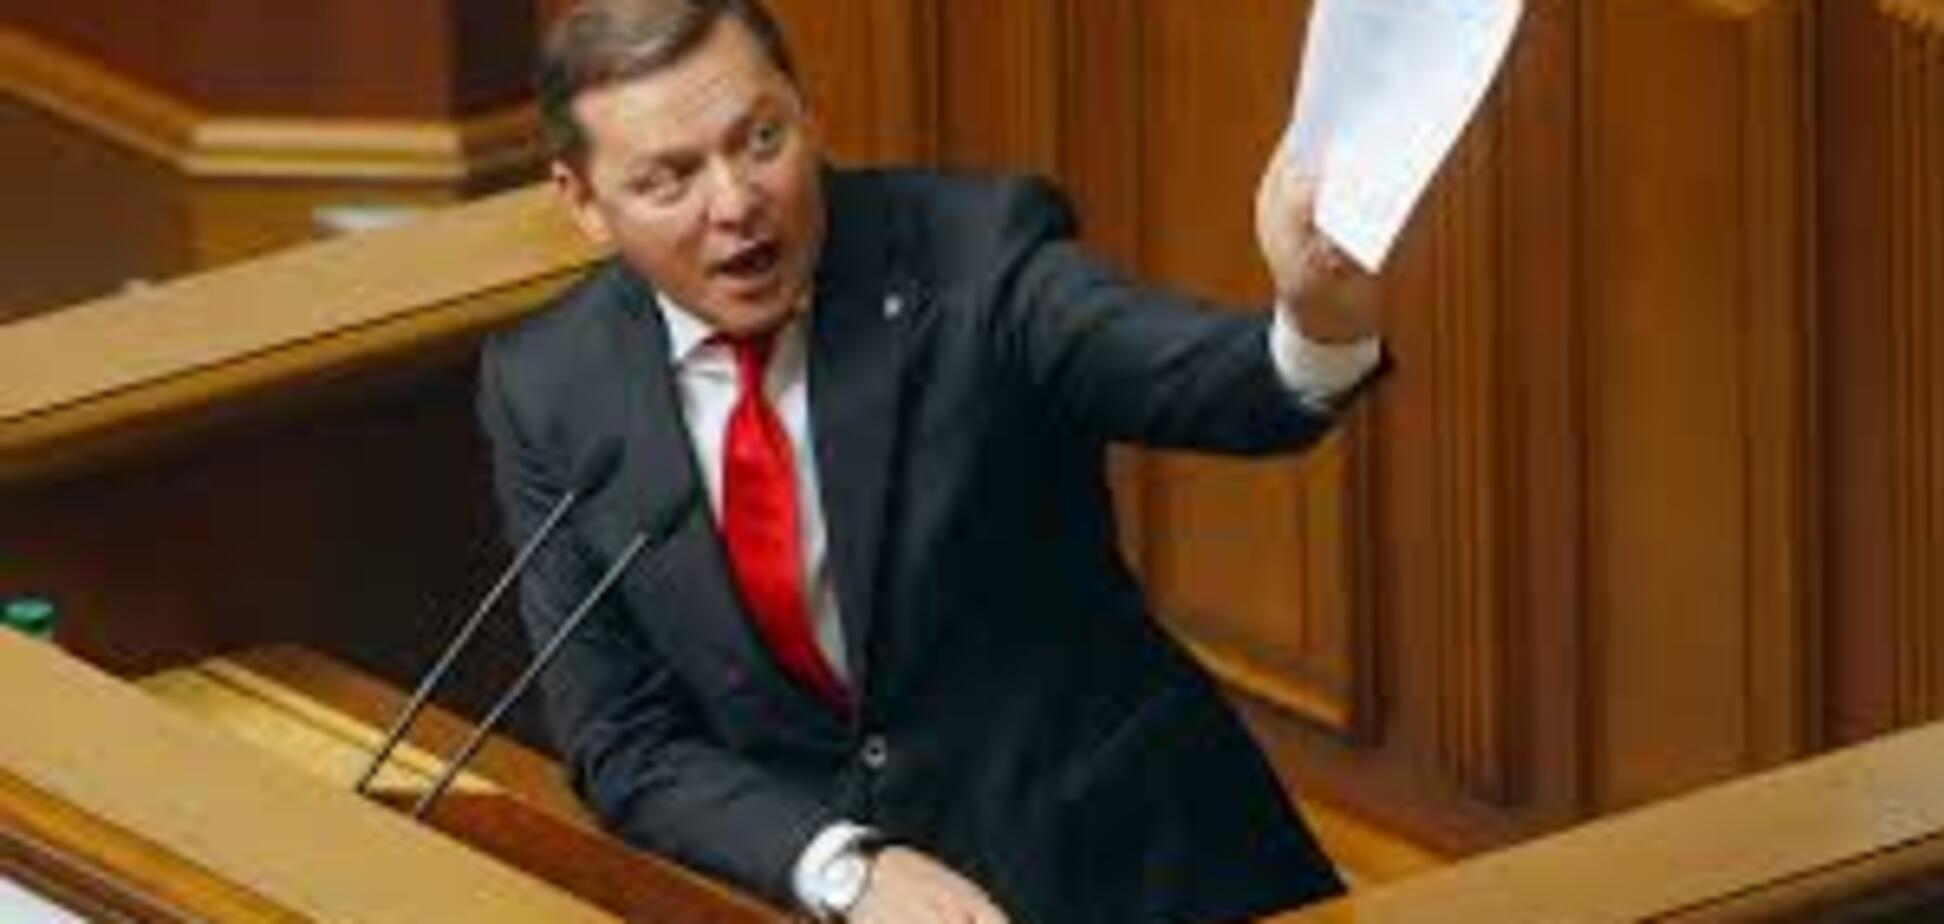 Прекратить политику циничного грабежа украинцев требует от правительства Олег Ляшко